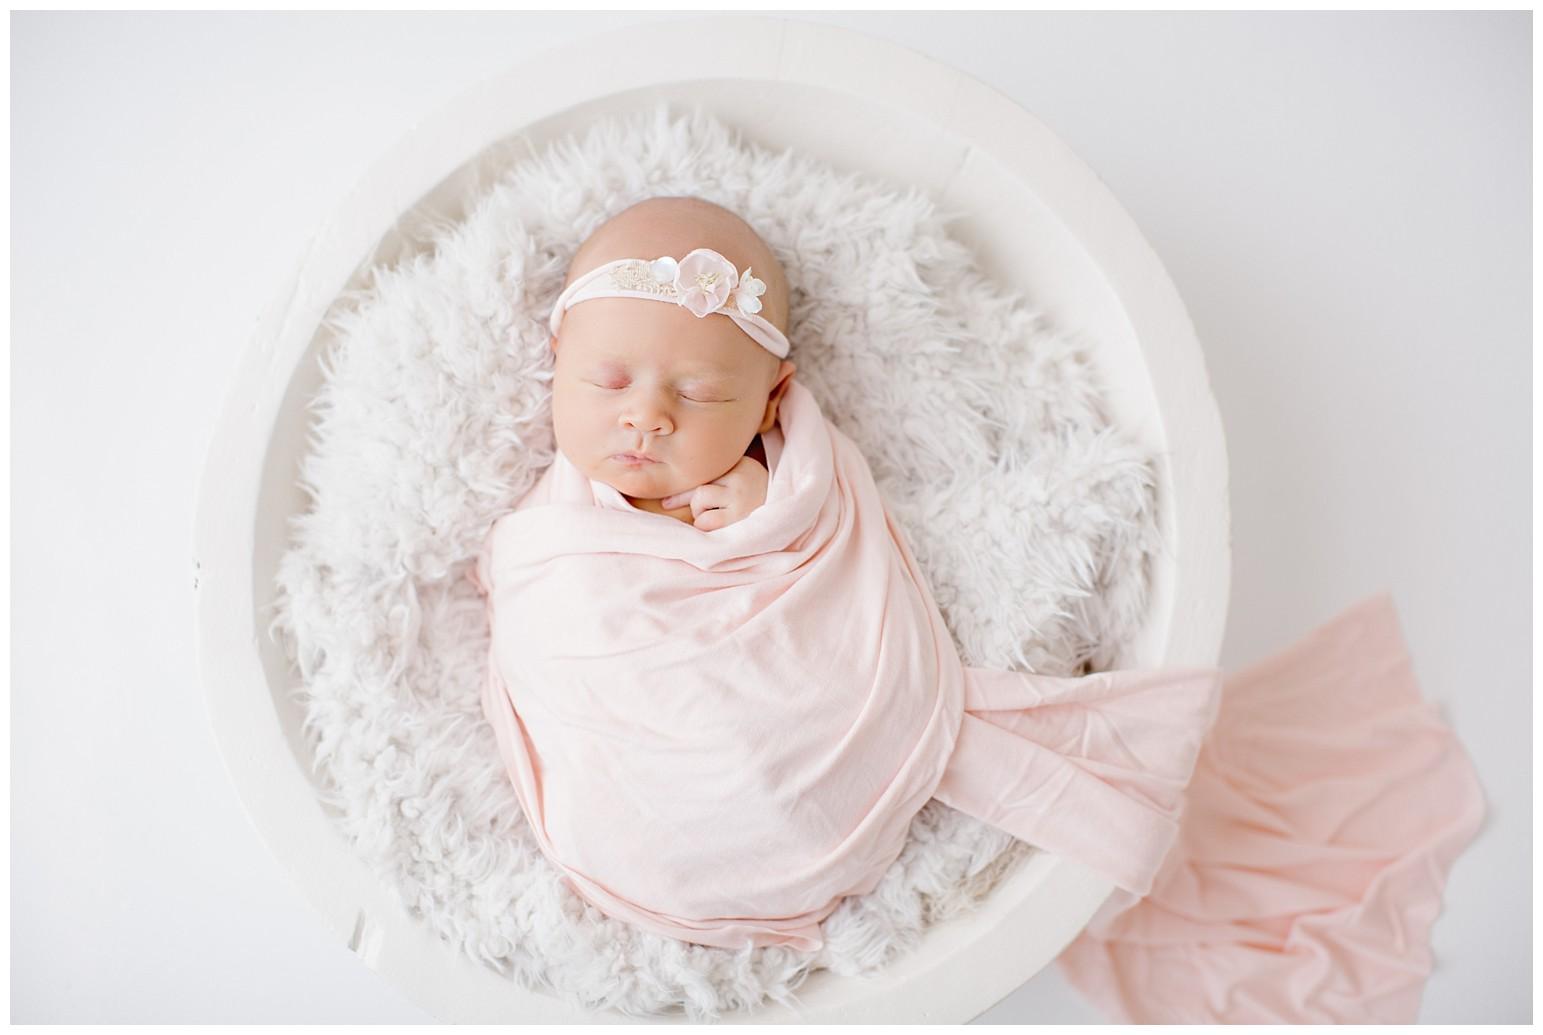 st louis photography_maternity_lauren muckler photography_film_st louis film photographer_0347.jpg